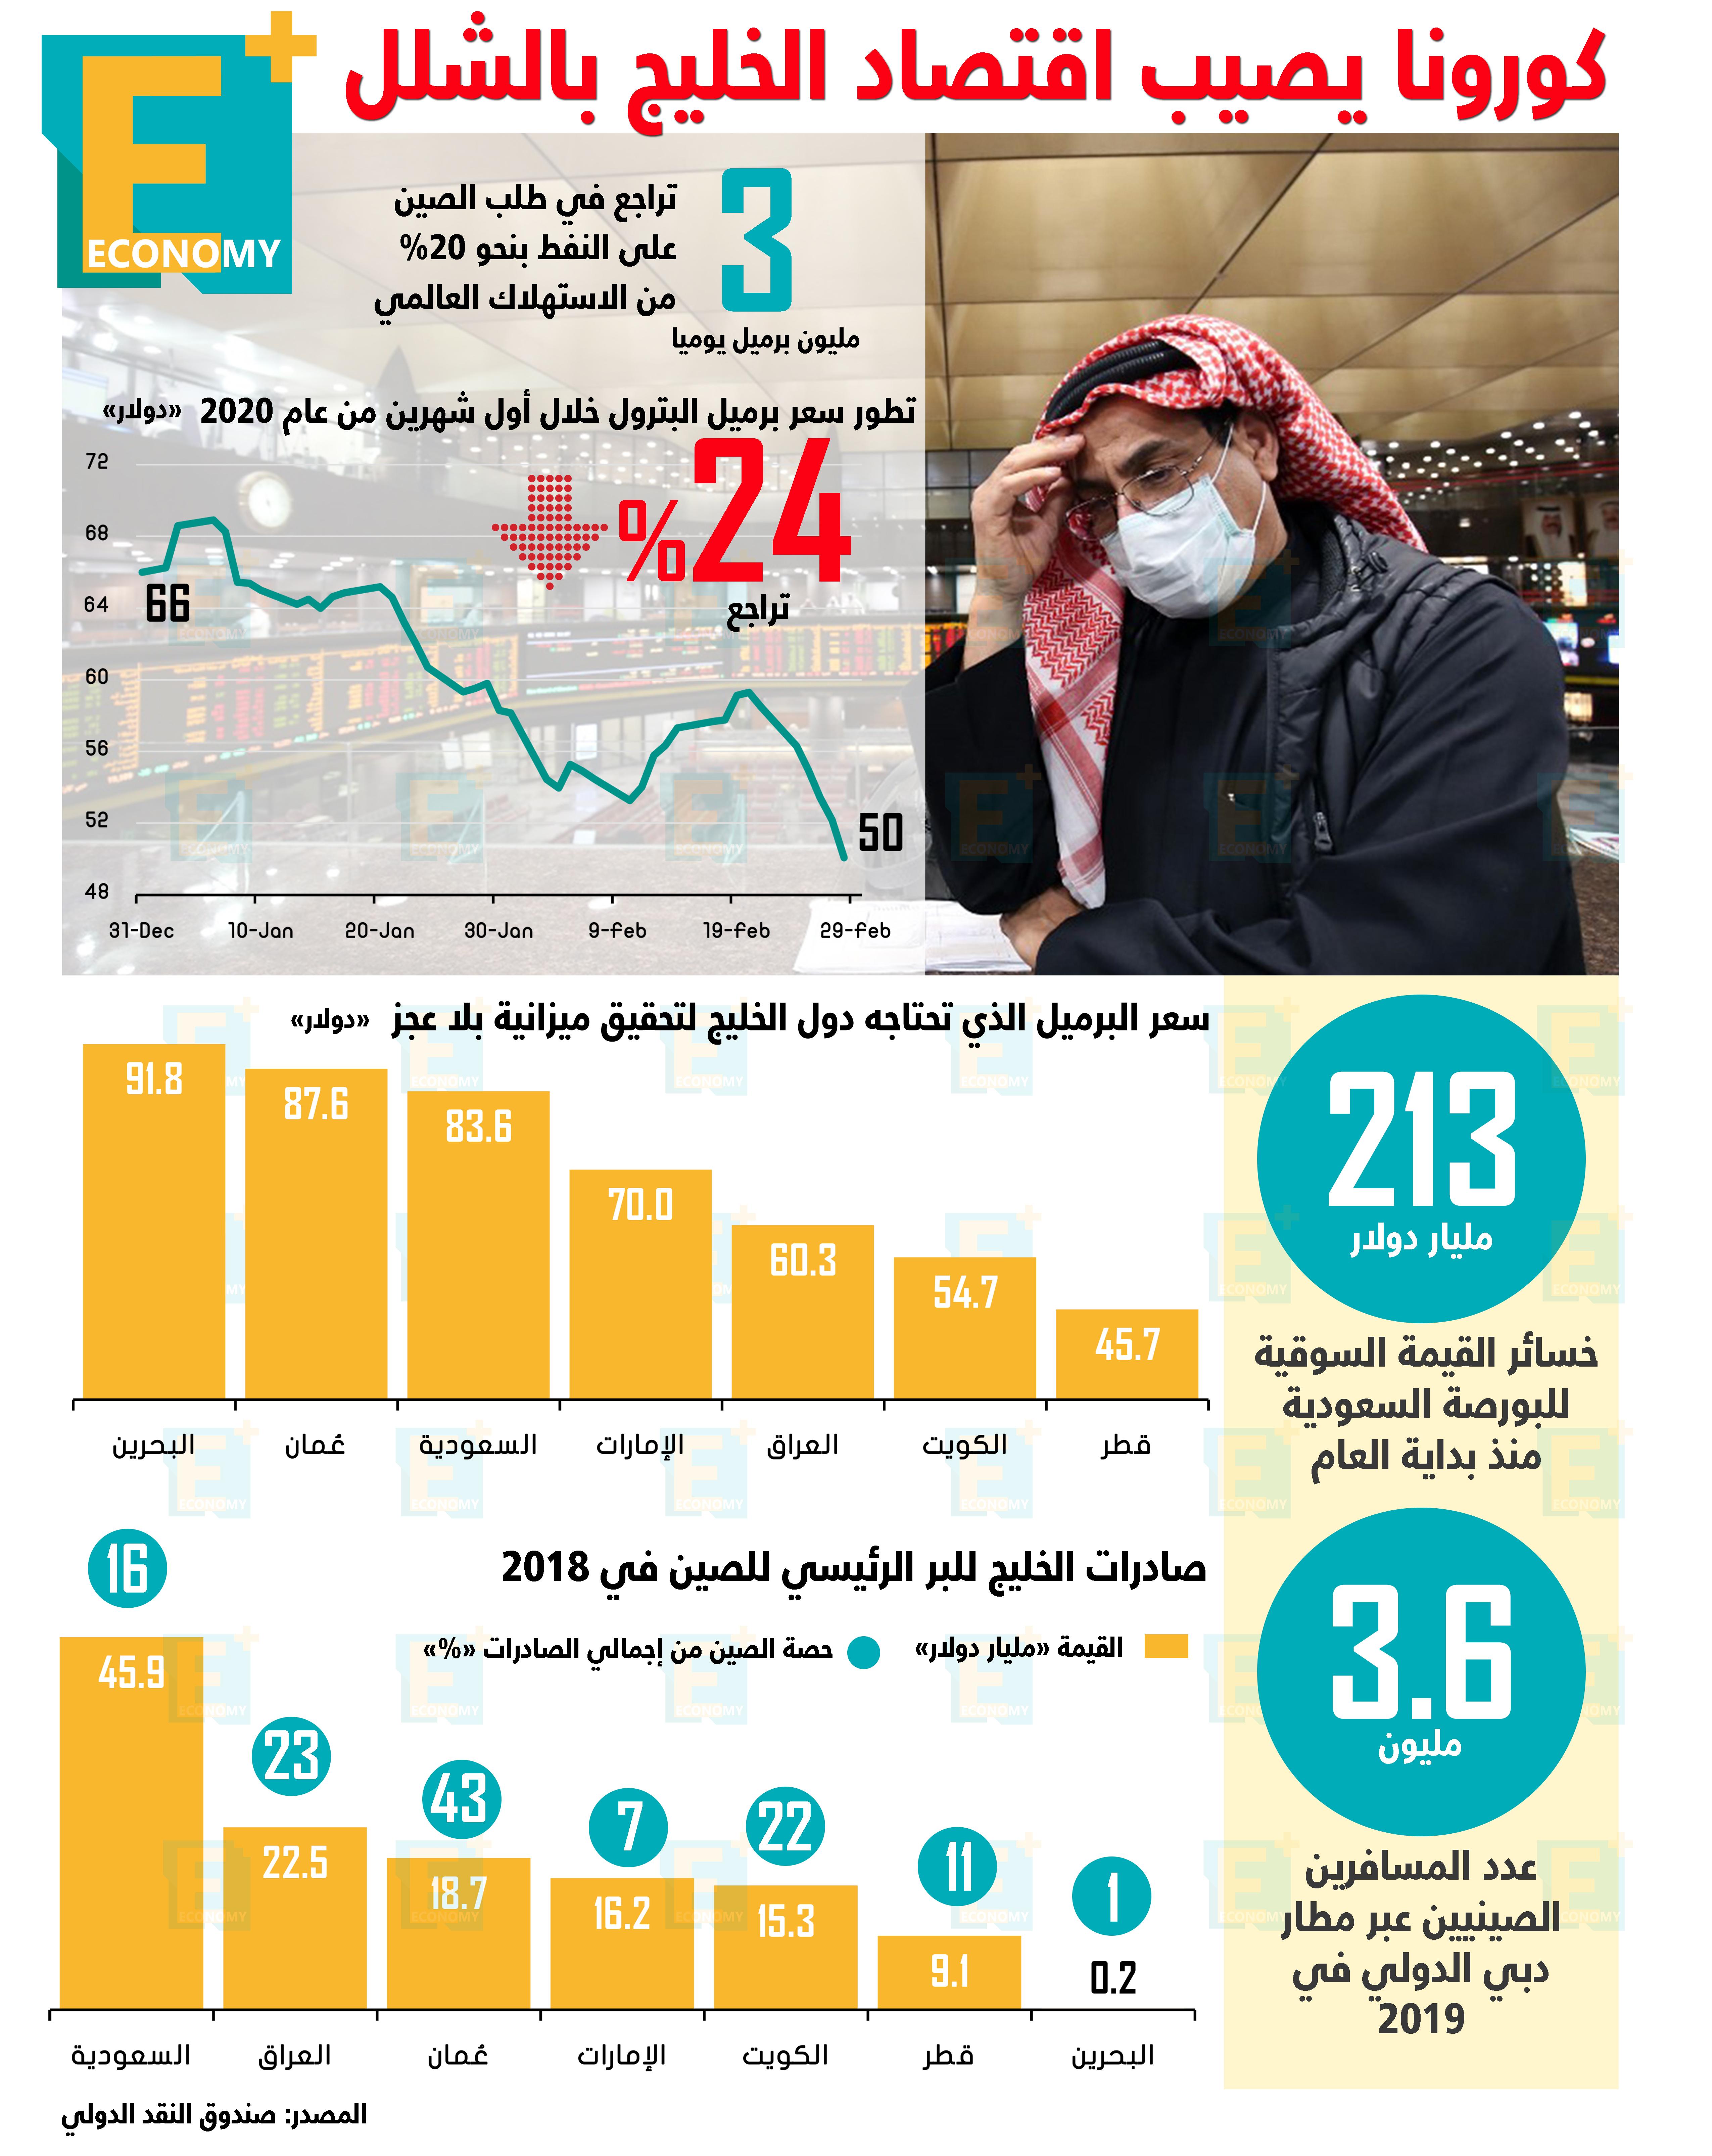 كورونا يصيب اقتصاد الخليج بالشلل